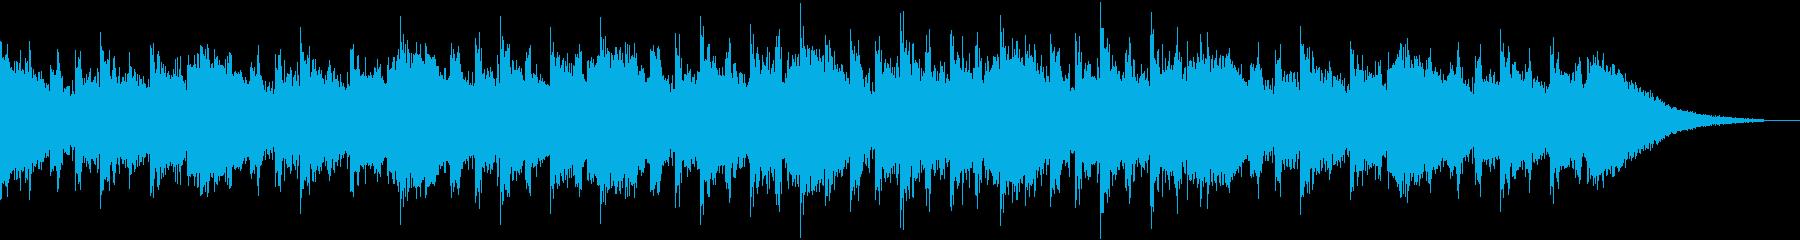 CM/近未来/クール/無機質/テクスチャの再生済みの波形